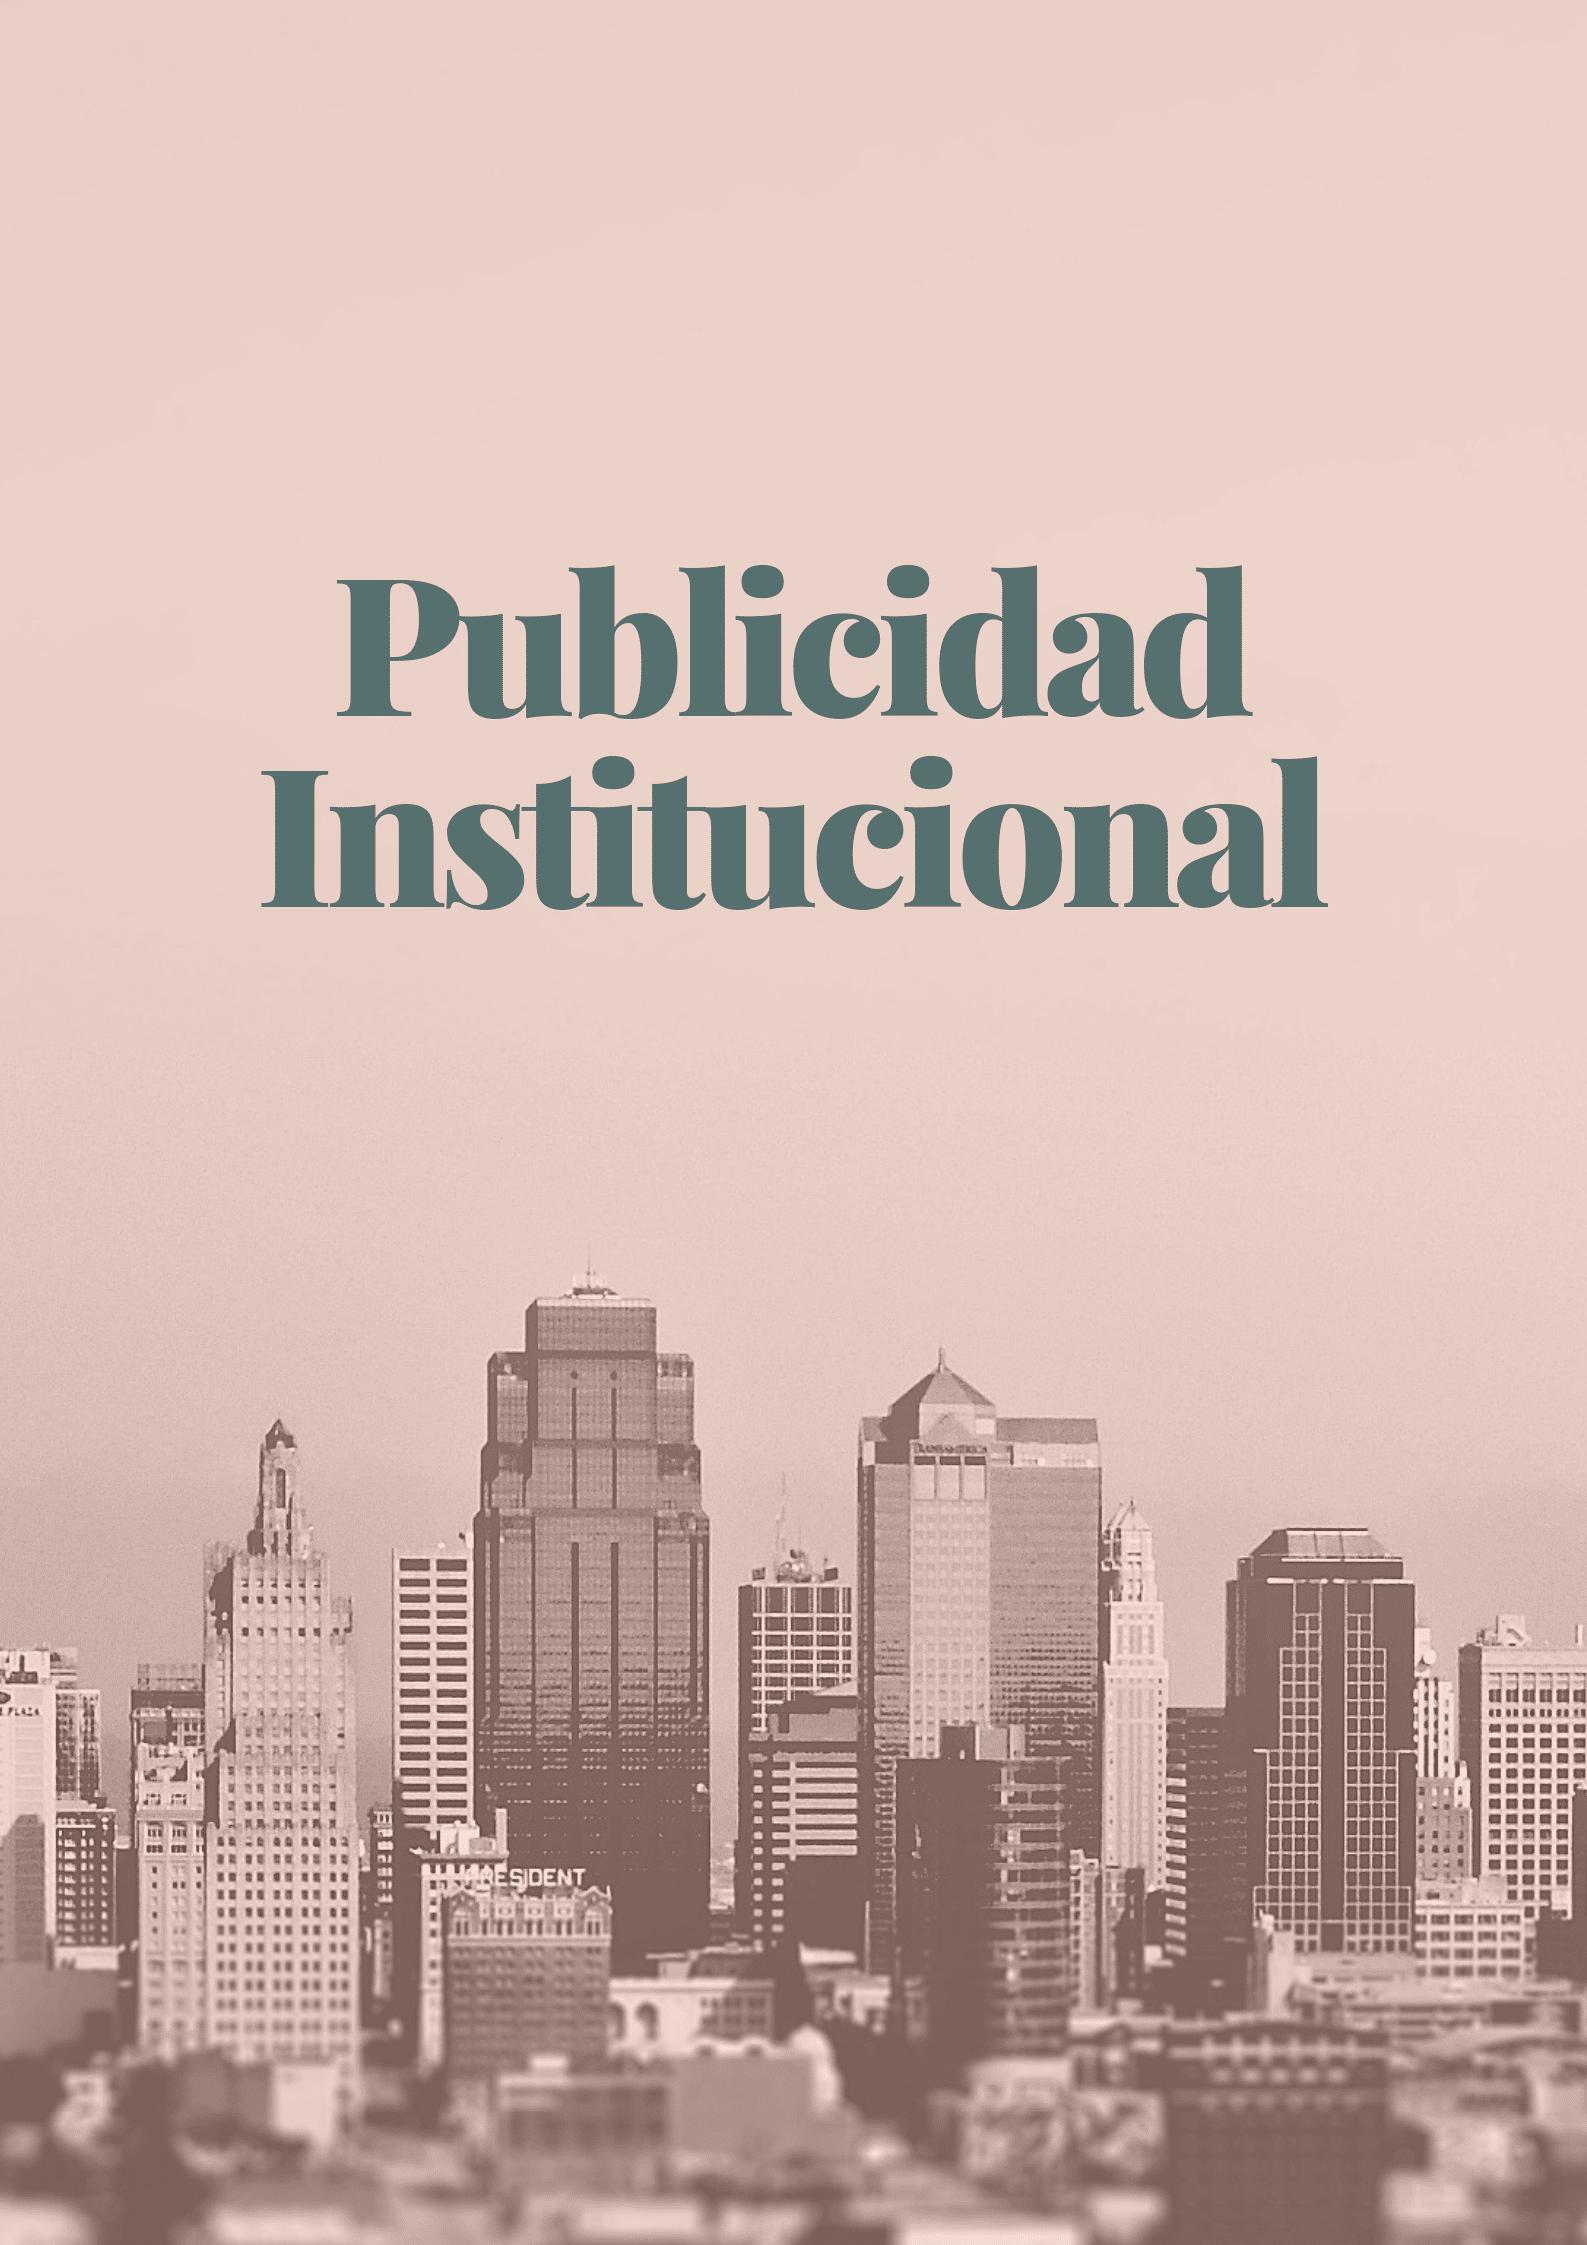 publicidad-institucional-1